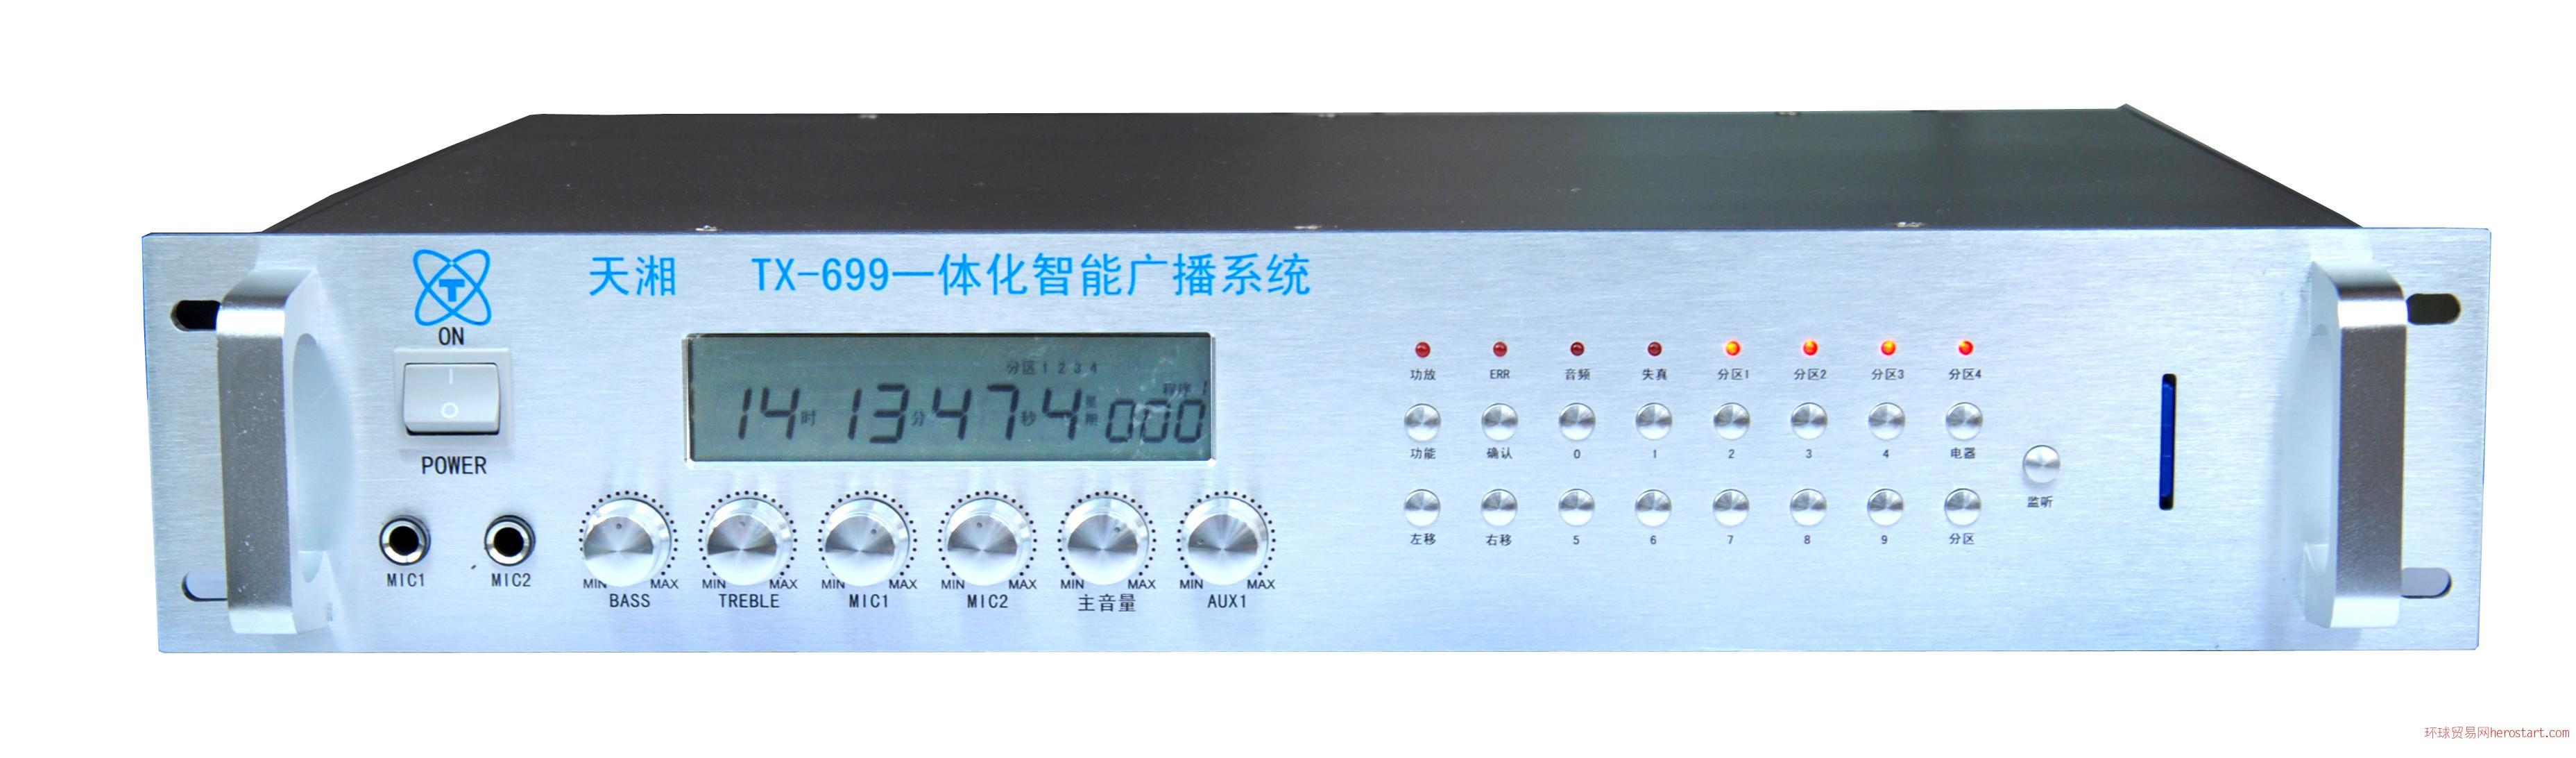 天湘TX699 200W一体化智能广播系统